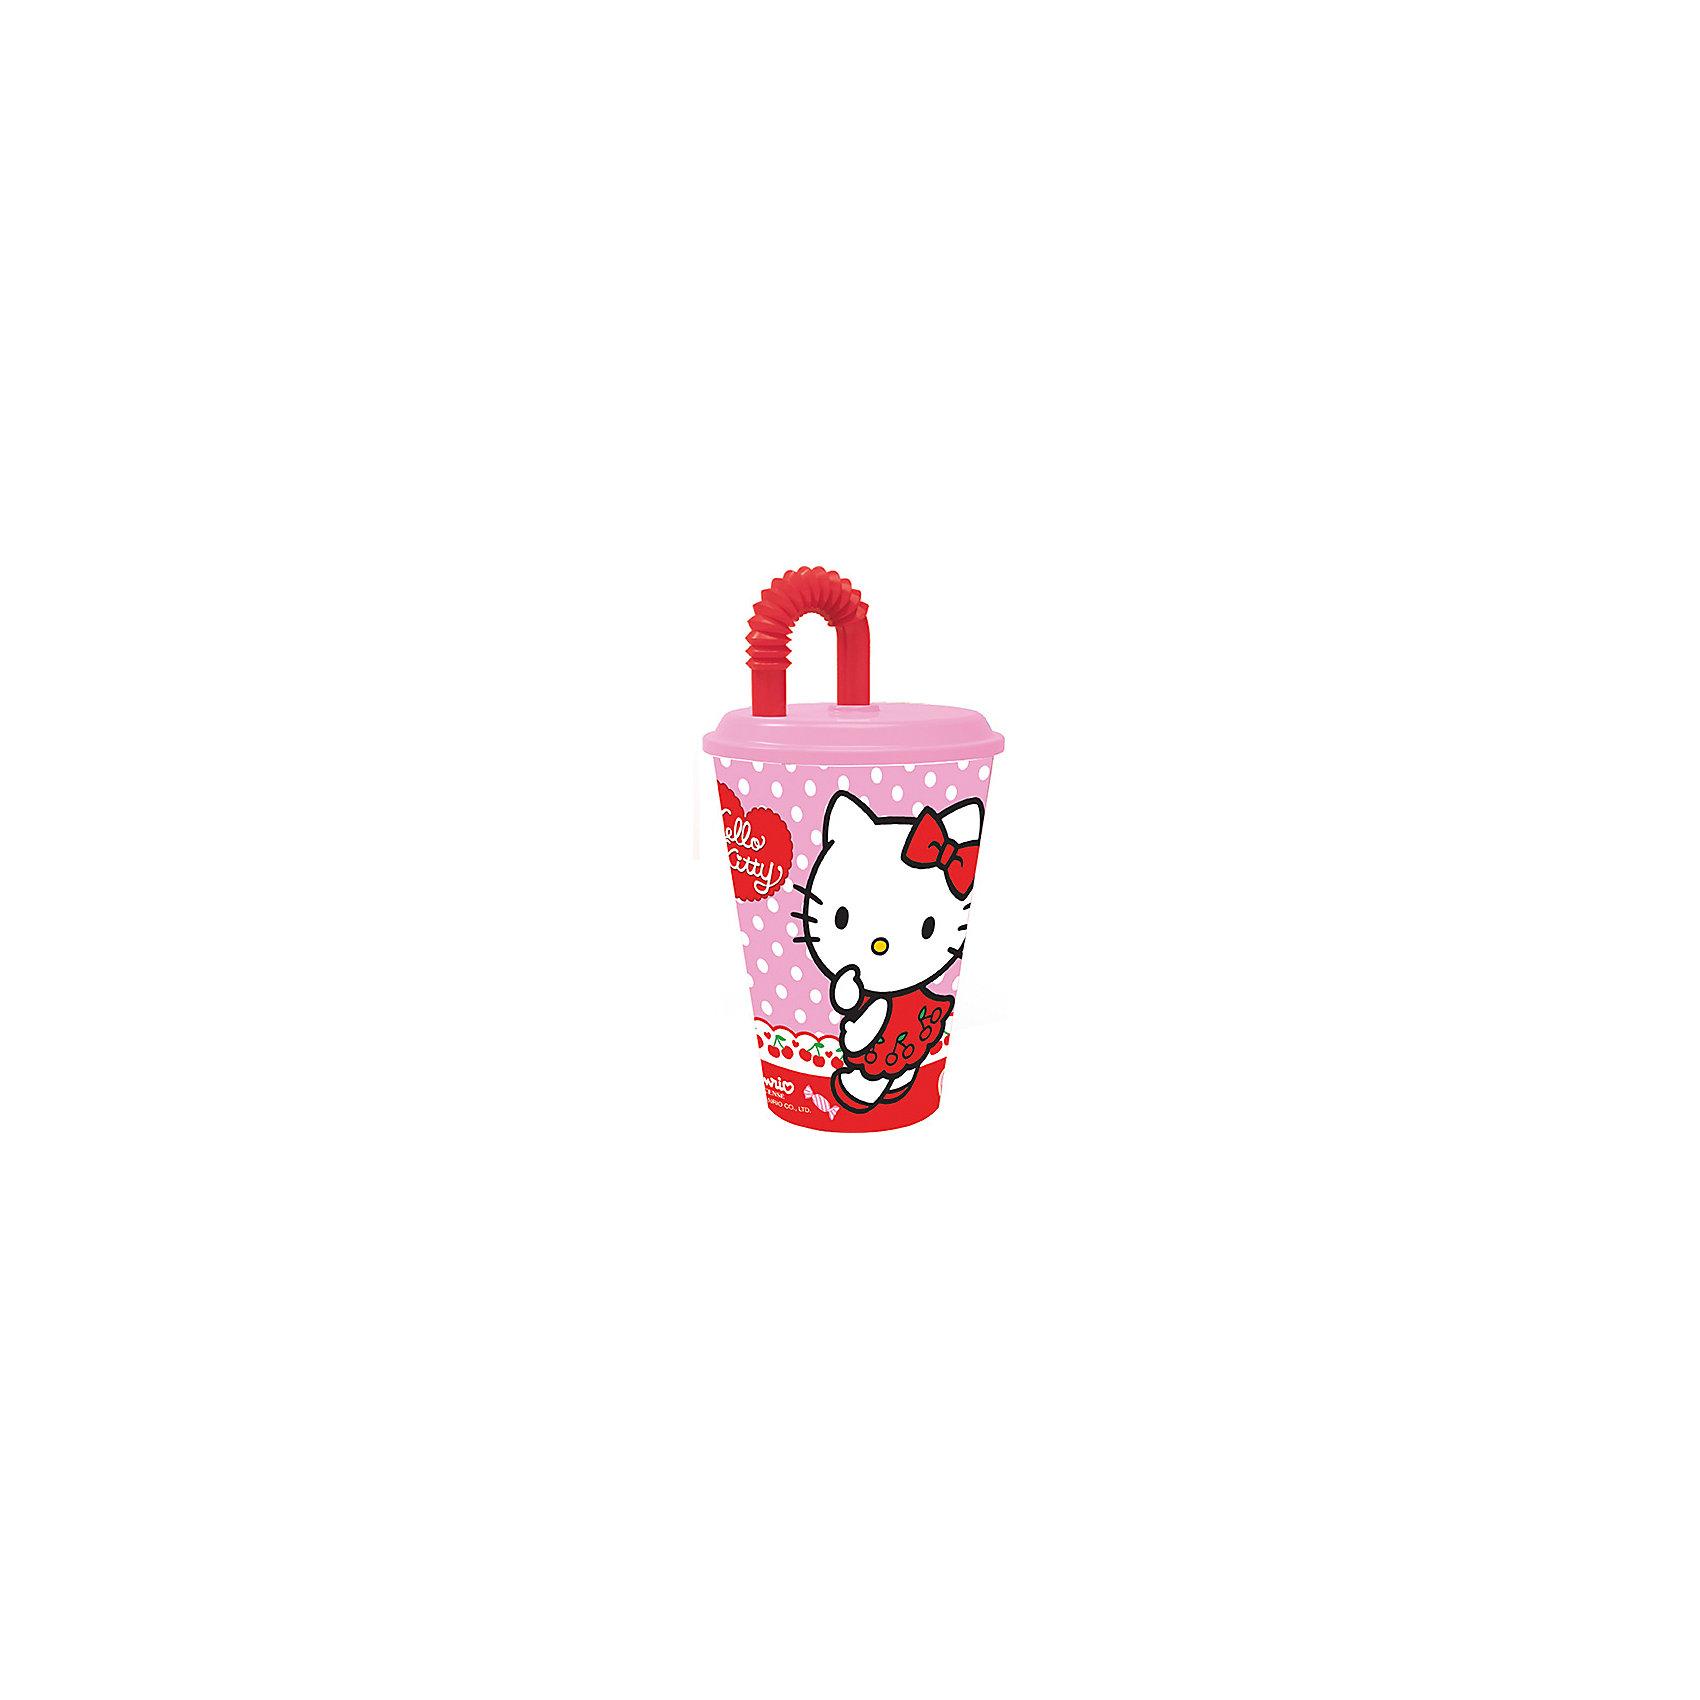 Бокал Hello Kitty 450 мл с крышкой и трубочкойHello Kitty<br>Характеристики товара:<br><br>• материал: пластик<br>• размер упаковки: 10x10x15 см<br>• объем: 450 мл<br>• вес: 60 г<br>• комплектация: бокал с крышкой и трубочкой<br>• с рисунком<br><br>Такой бокал станет отличным подарком для ребенка! Он отличается тем, что на бокале изображена героиня из мультфильма Hello Kitty. Пить из предметов с любимыми героями многих современных детей - всегда приятнее. Бокал очень удобен, объем оптимален для детей. Плюс - изделие дополнено специальной крышкой и трубочкой. Использовать его можно и дома, и в школе, и на улице!<br>Бокал выпущен в удобном формате, размер - универсальный. Изделие производится из качественных и проверенных материалов, которые безопасны для детей.<br><br>Бокал Hello Kitty 450 мл с крышкой и трубочкой) можно купить в нашем интернет-магазине.<br><br>Ширина мм: 95<br>Глубина мм: 95<br>Высота мм: 165<br>Вес г: 62<br>Возраст от месяцев: 36<br>Возраст до месяцев: 120<br>Пол: Женский<br>Возраст: Детский<br>SKU: 5220408